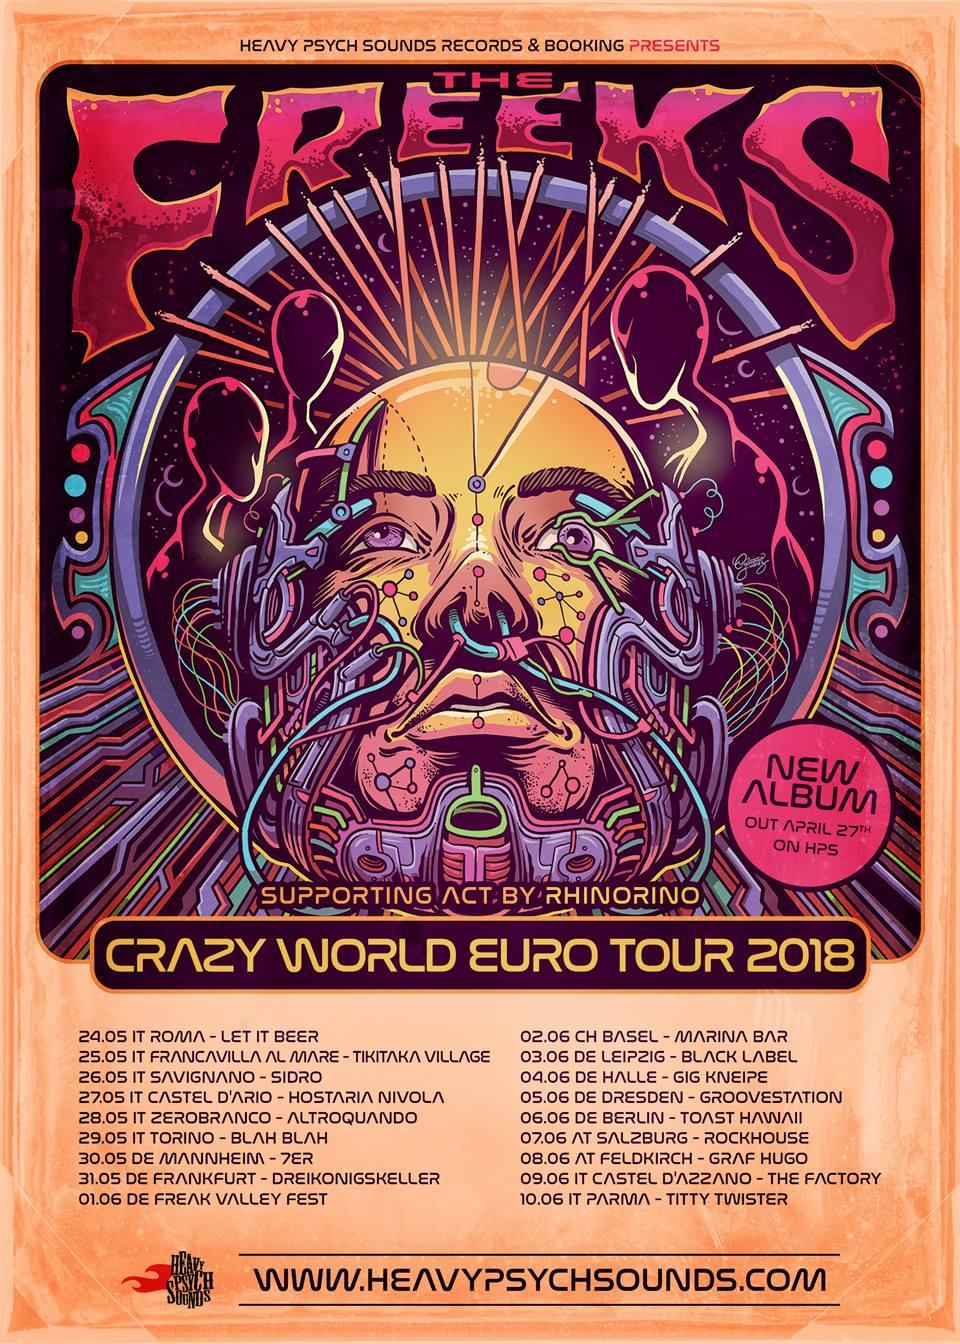 Support Tour - The Freeks Crazy World  EU